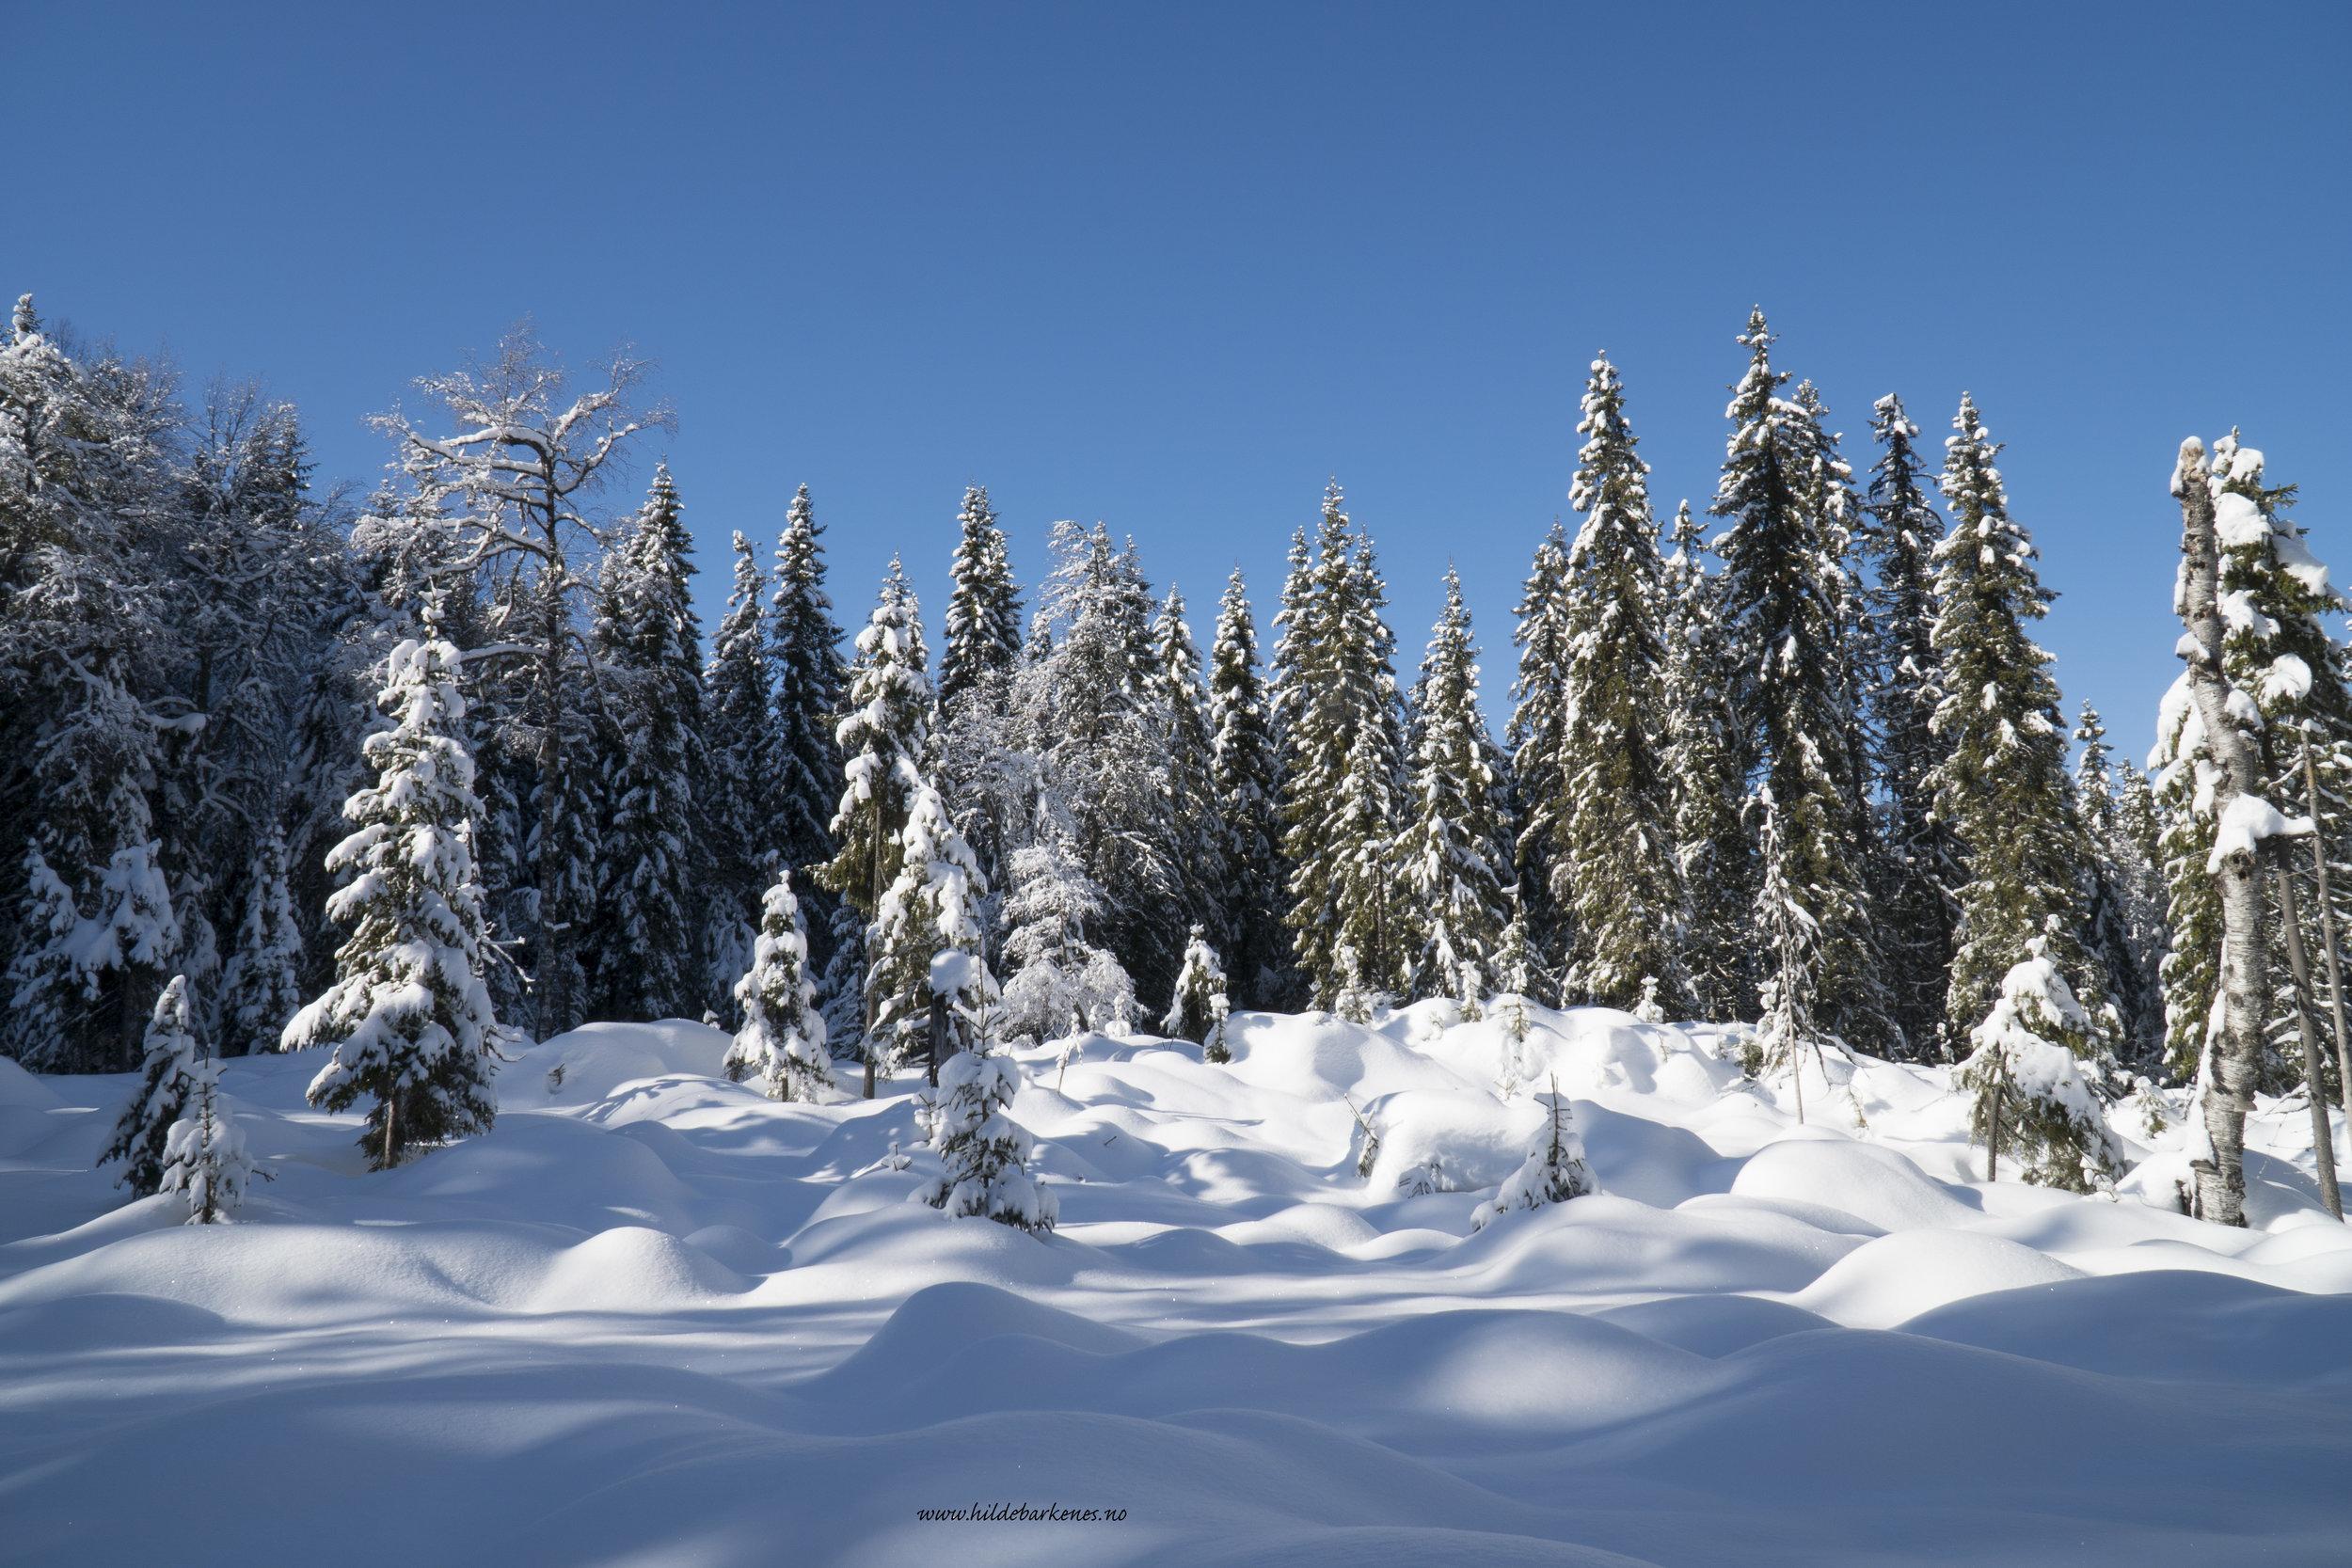 Motiv i alle retninger - Vinteren er nok en favoritt når det kommer til årstider. Egentlig er alle årstider en favoritt…tenk å være så heldig å like alt! Uten skimuligheter på vinteren ville jeg blitt et ulykkelig menneske. Jeg får vondt i magen av å tenke på klimaendringene som sakte men sikkert tar fra oss snøen.